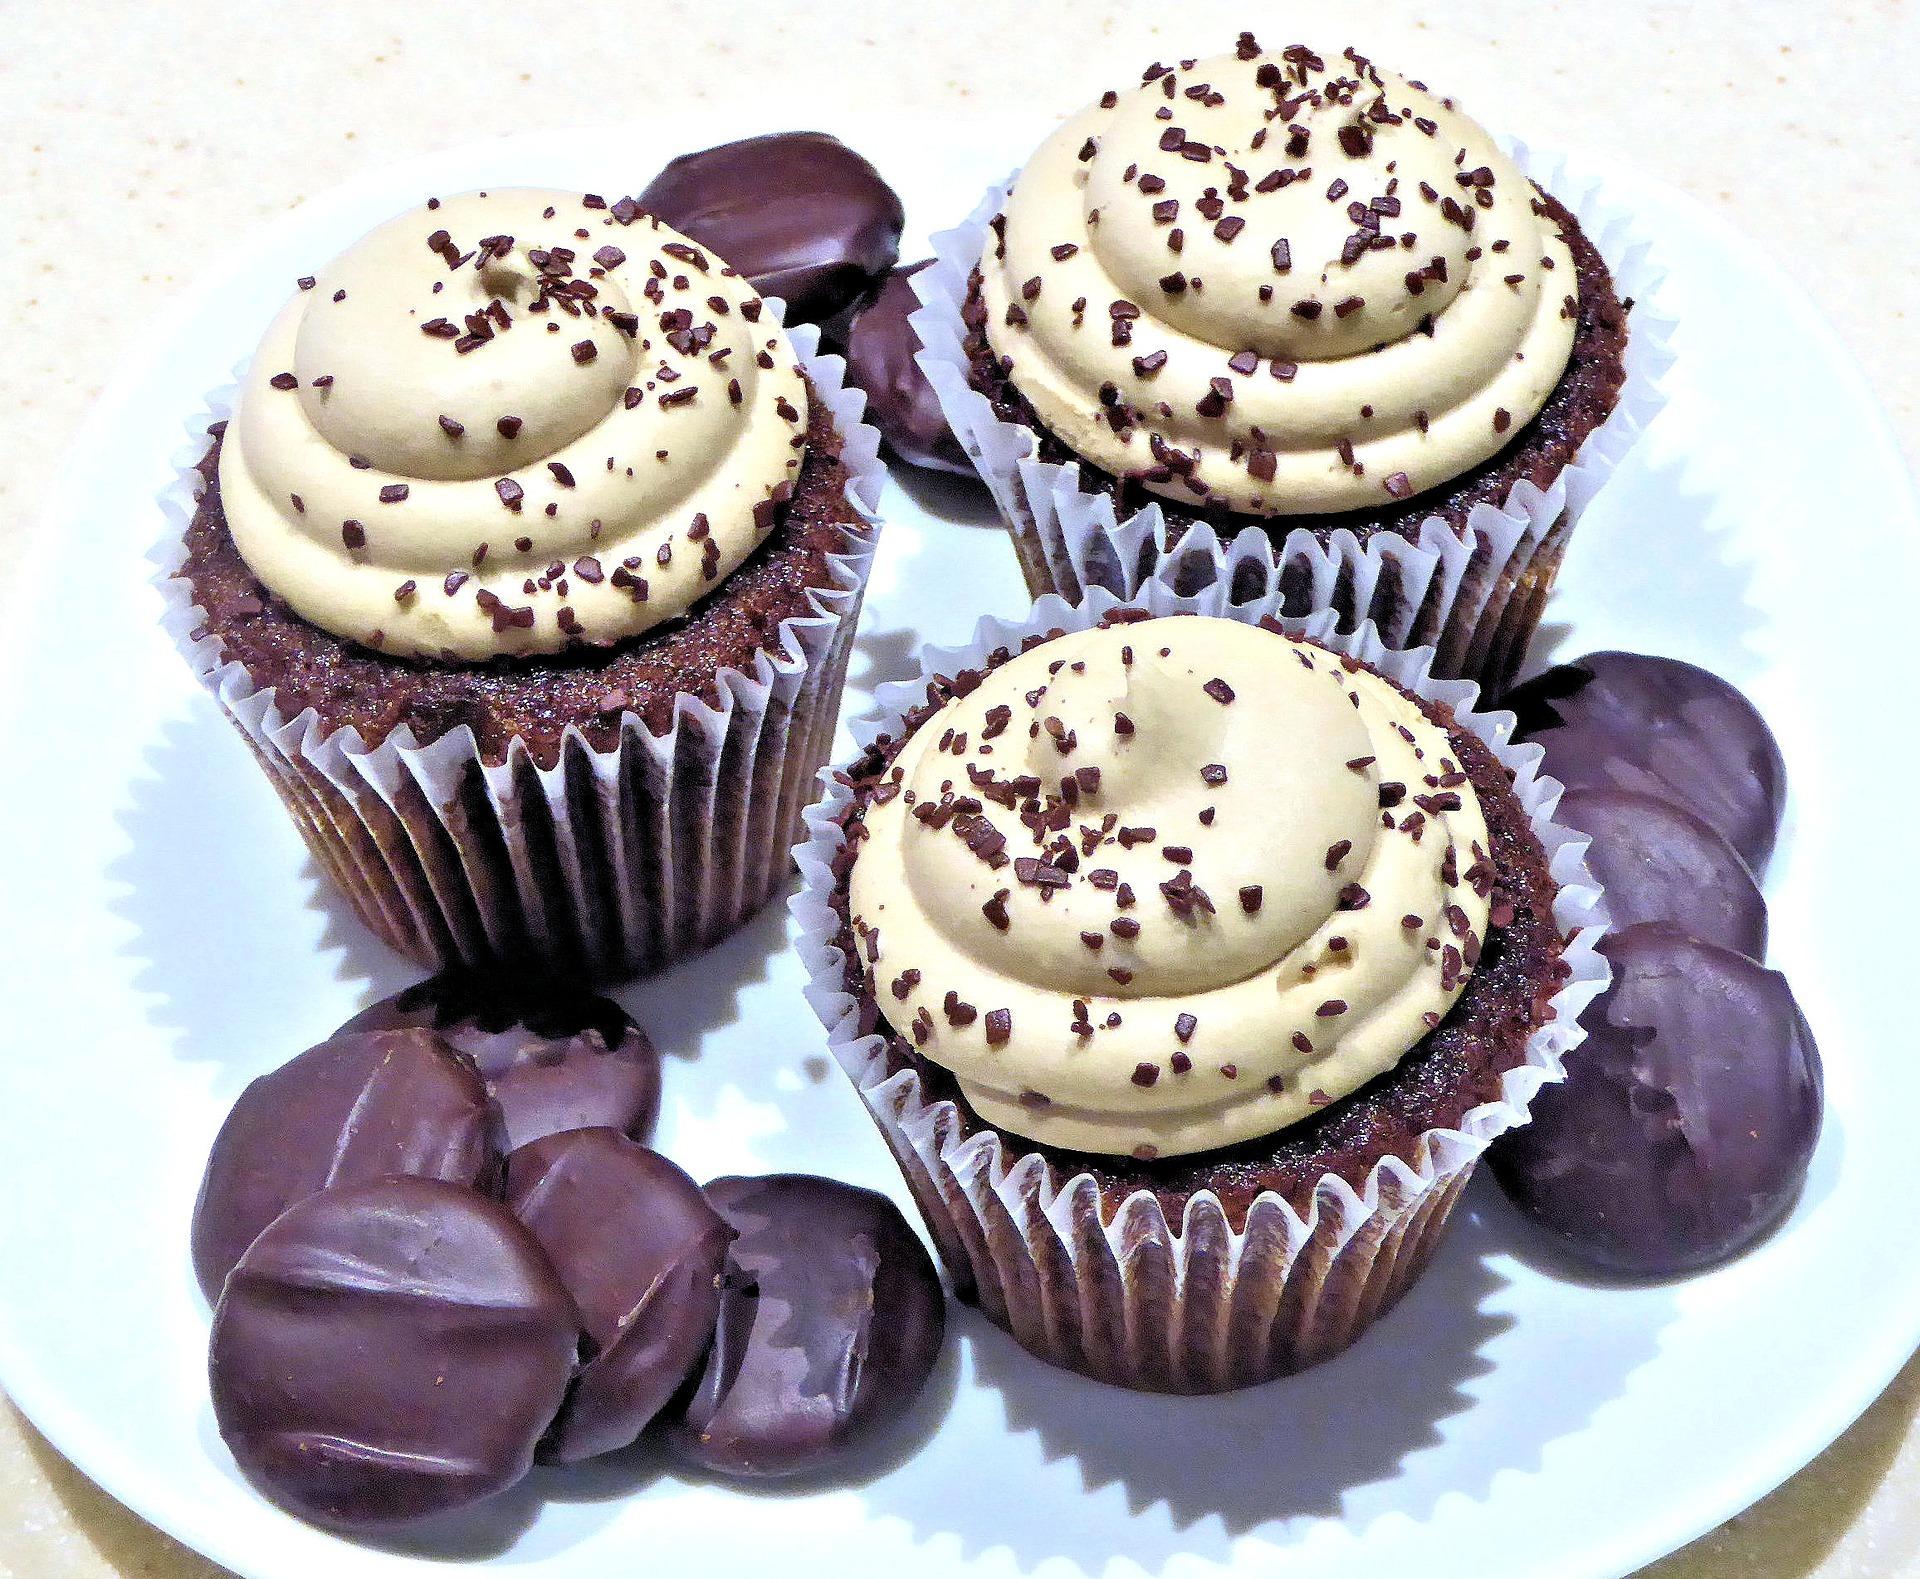 Muffinmaker 7-fach Cupcakes Törtchen Bäcker Piemaker 900W lila (Karton defekt)*04704 Bild 4